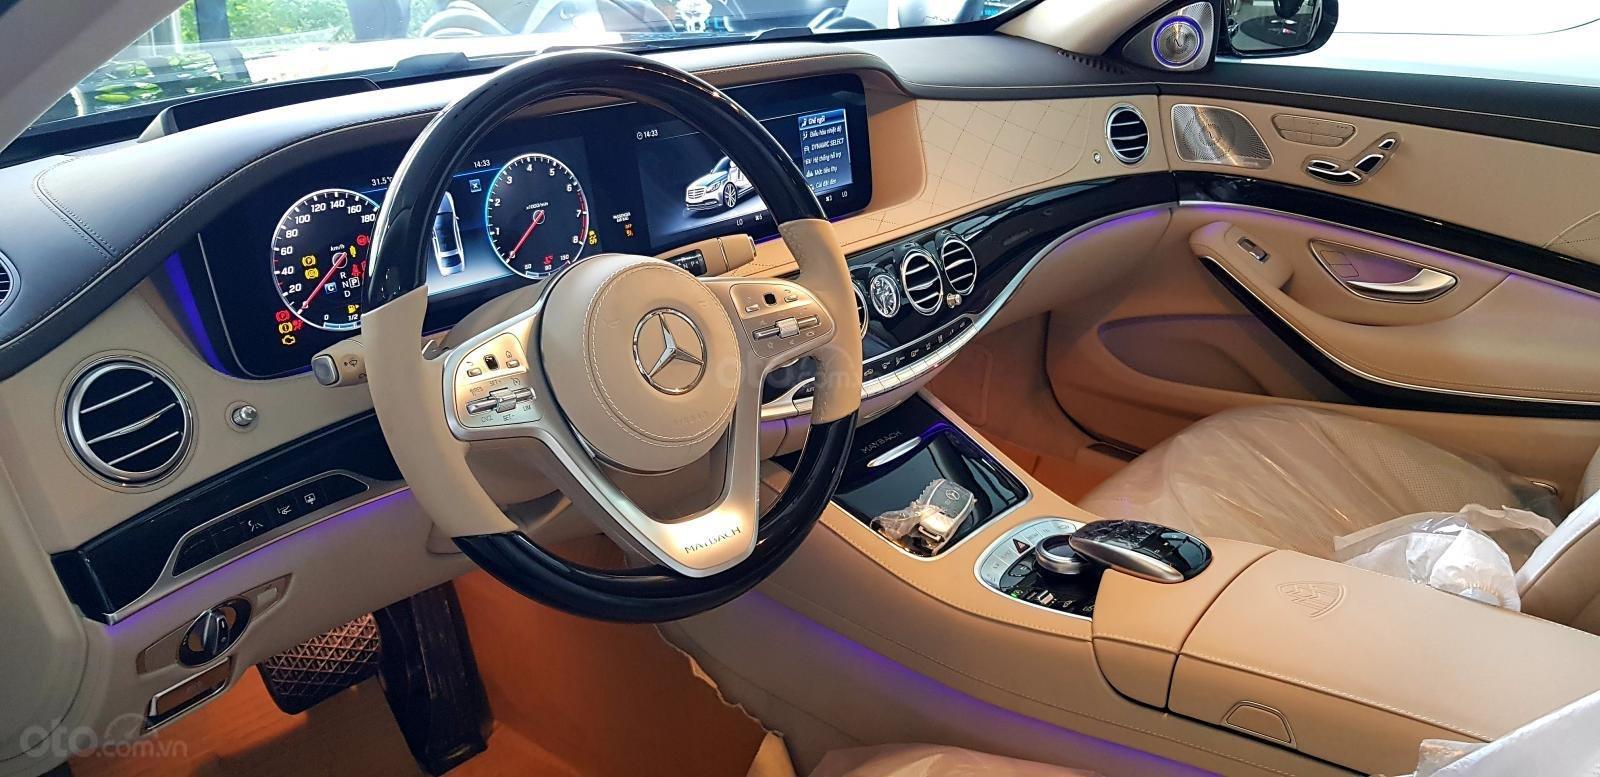 Mercedes-Benz Maybach S450 đời 2019 nhập khẩu, xe giao ngay khuyến mãi lớn, liên hệ 0913332288 (12)